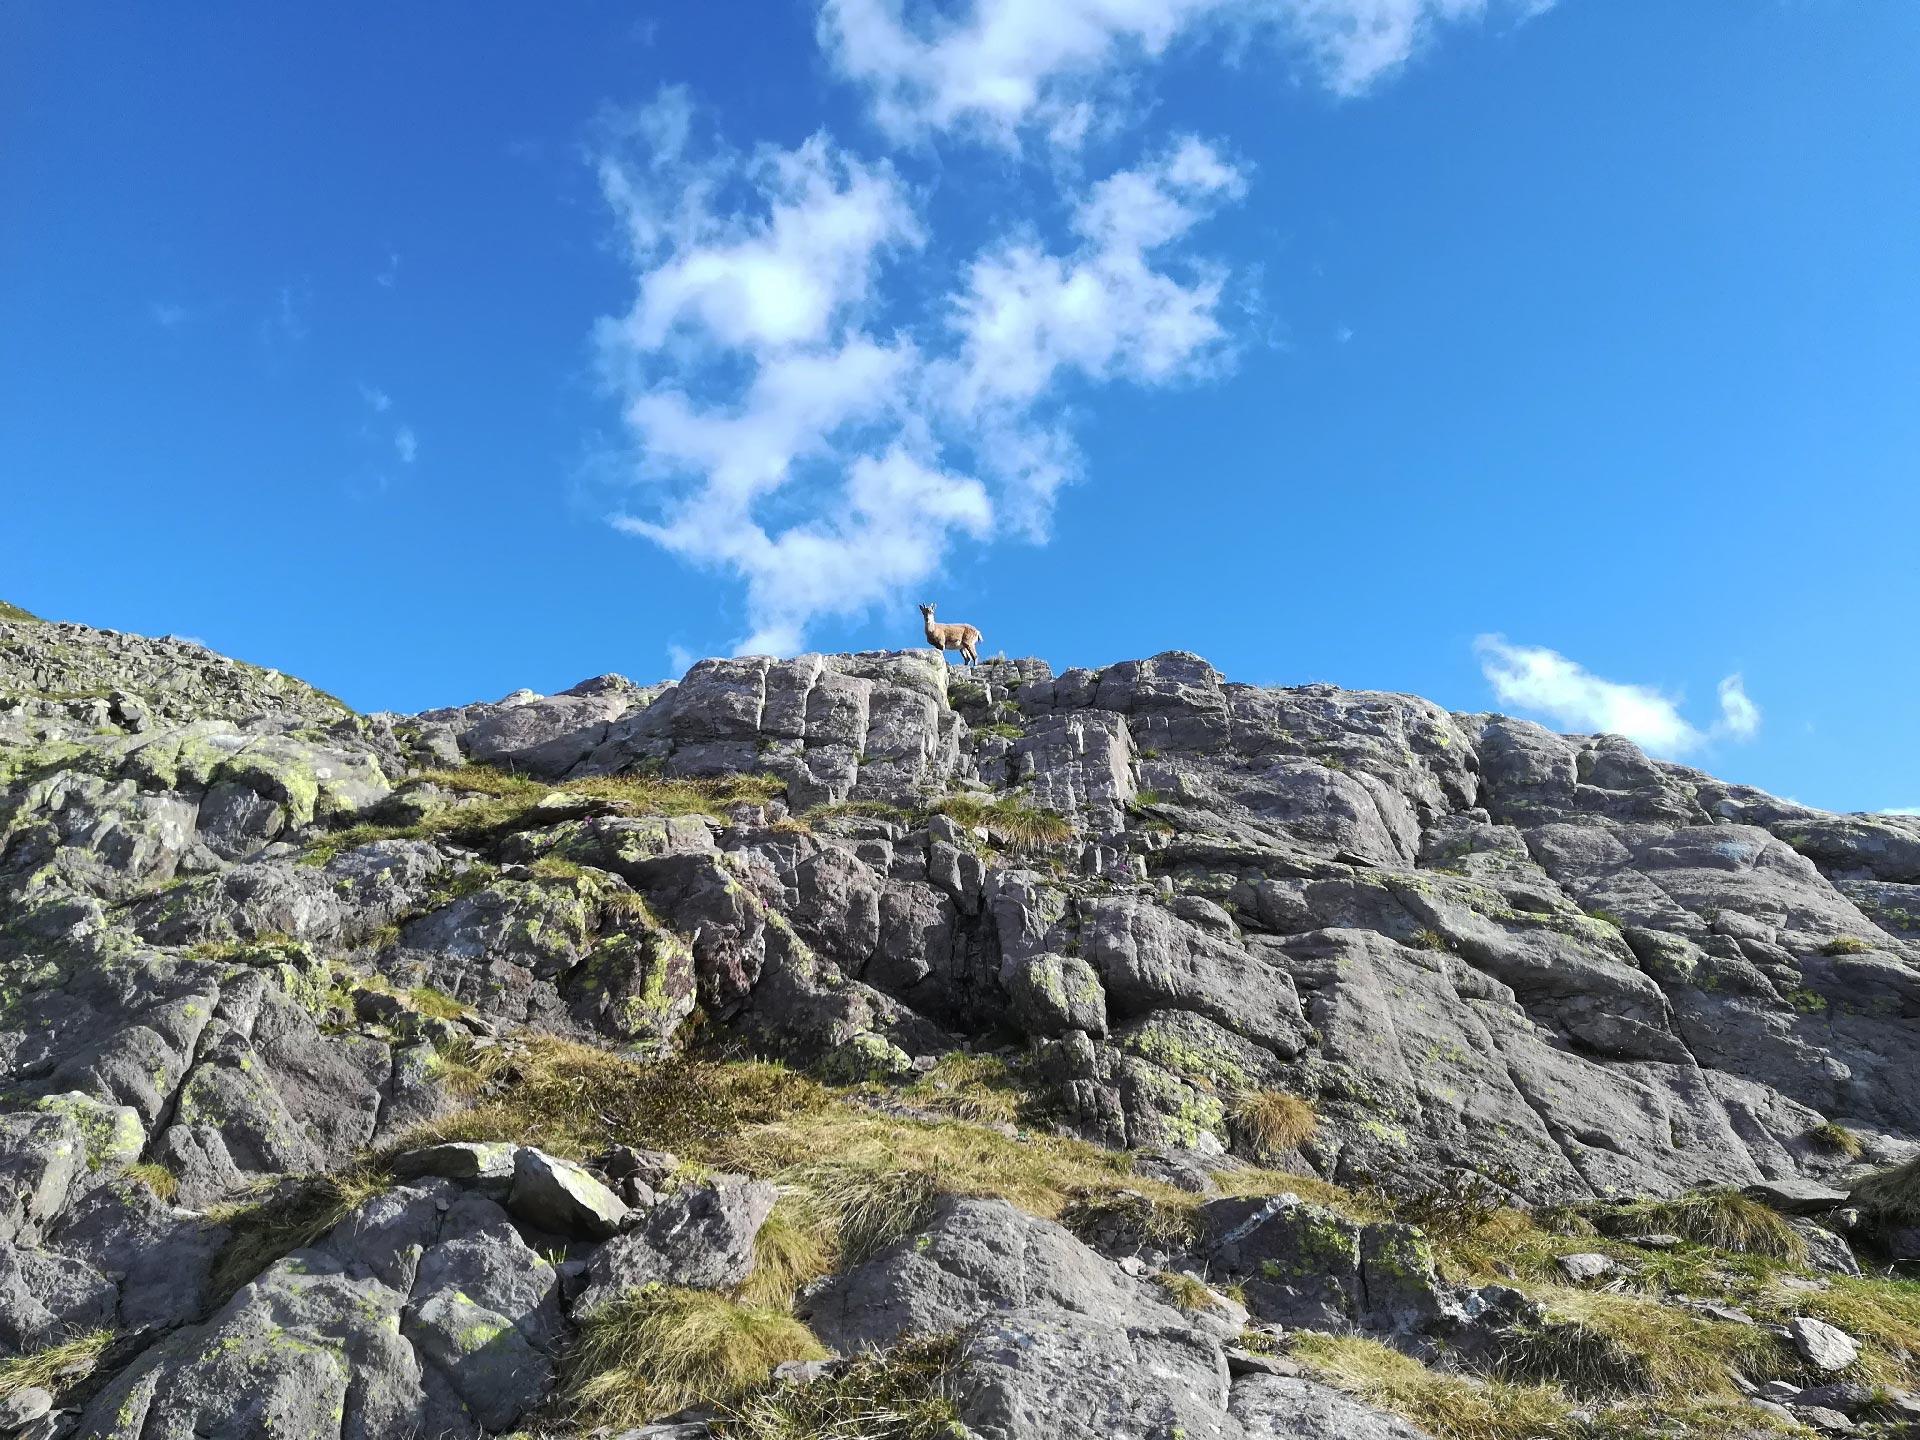 uno stambecco sulle rocce nei pressi del Passo di Mezzeno, Val Brembana, Lombardia